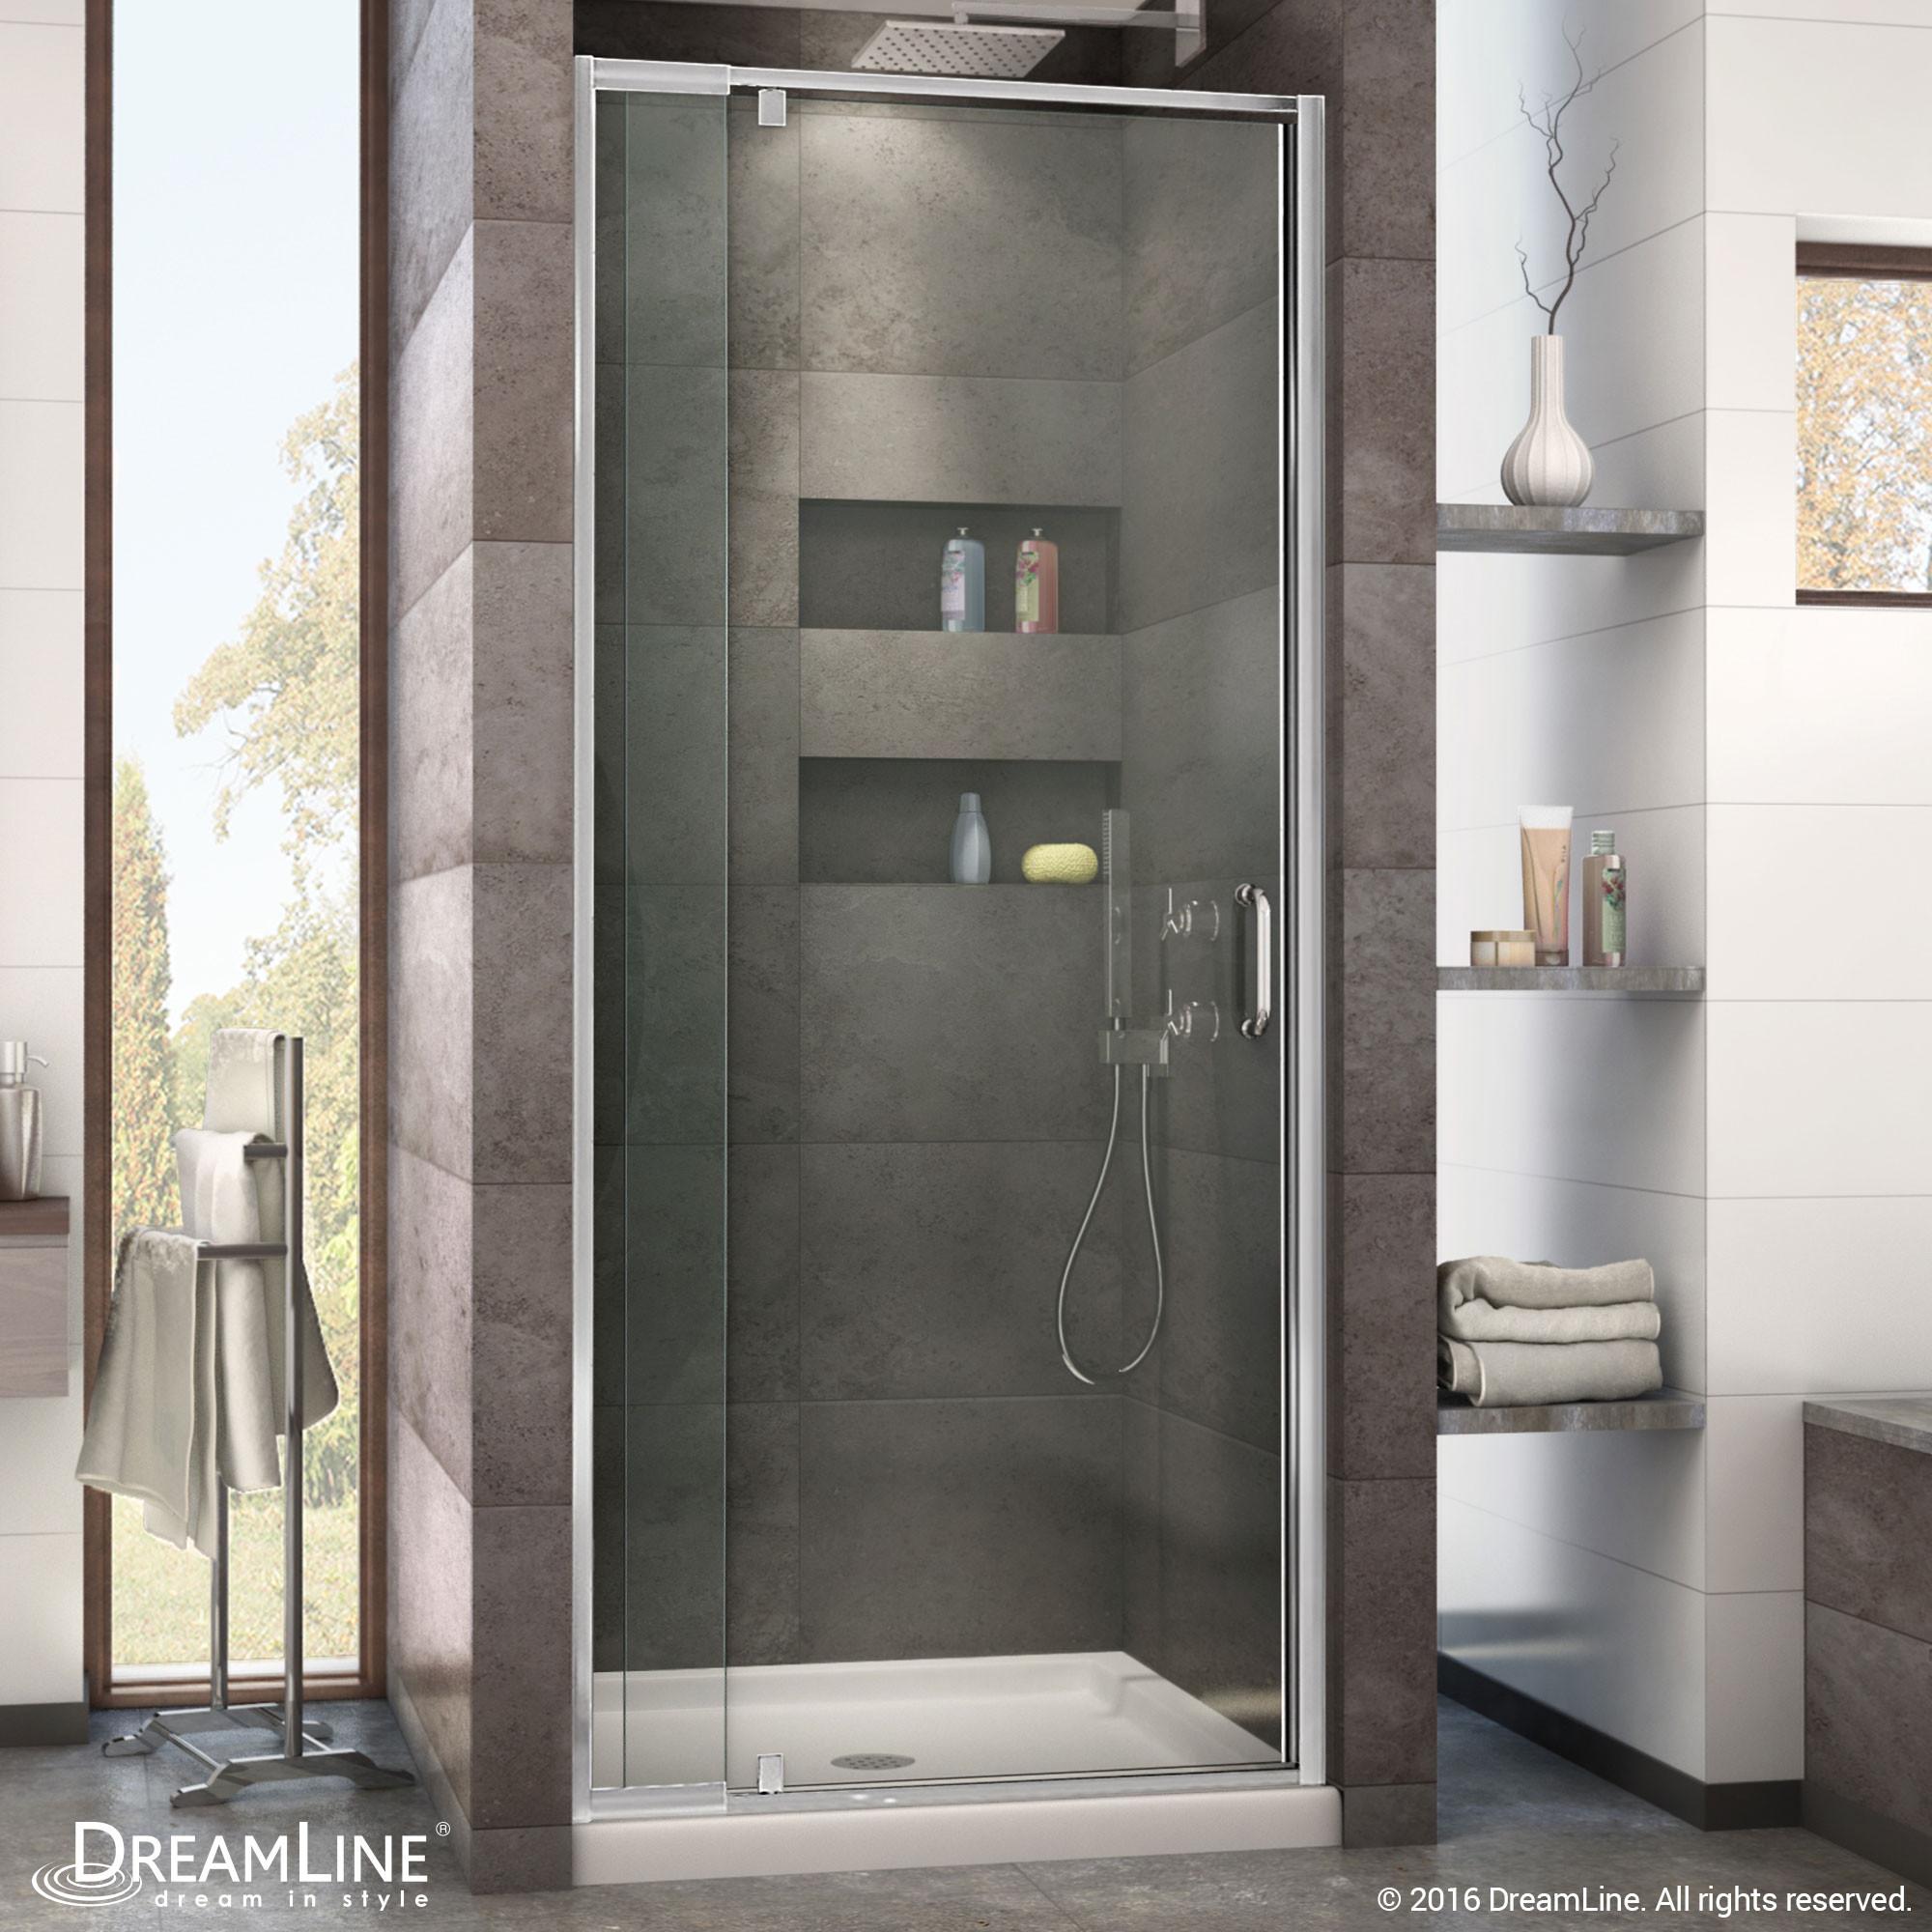 DreamLine DL-6215C-01CL Flex 32-in. Frameless Shower Door and Base Kit, Chrome Hardware